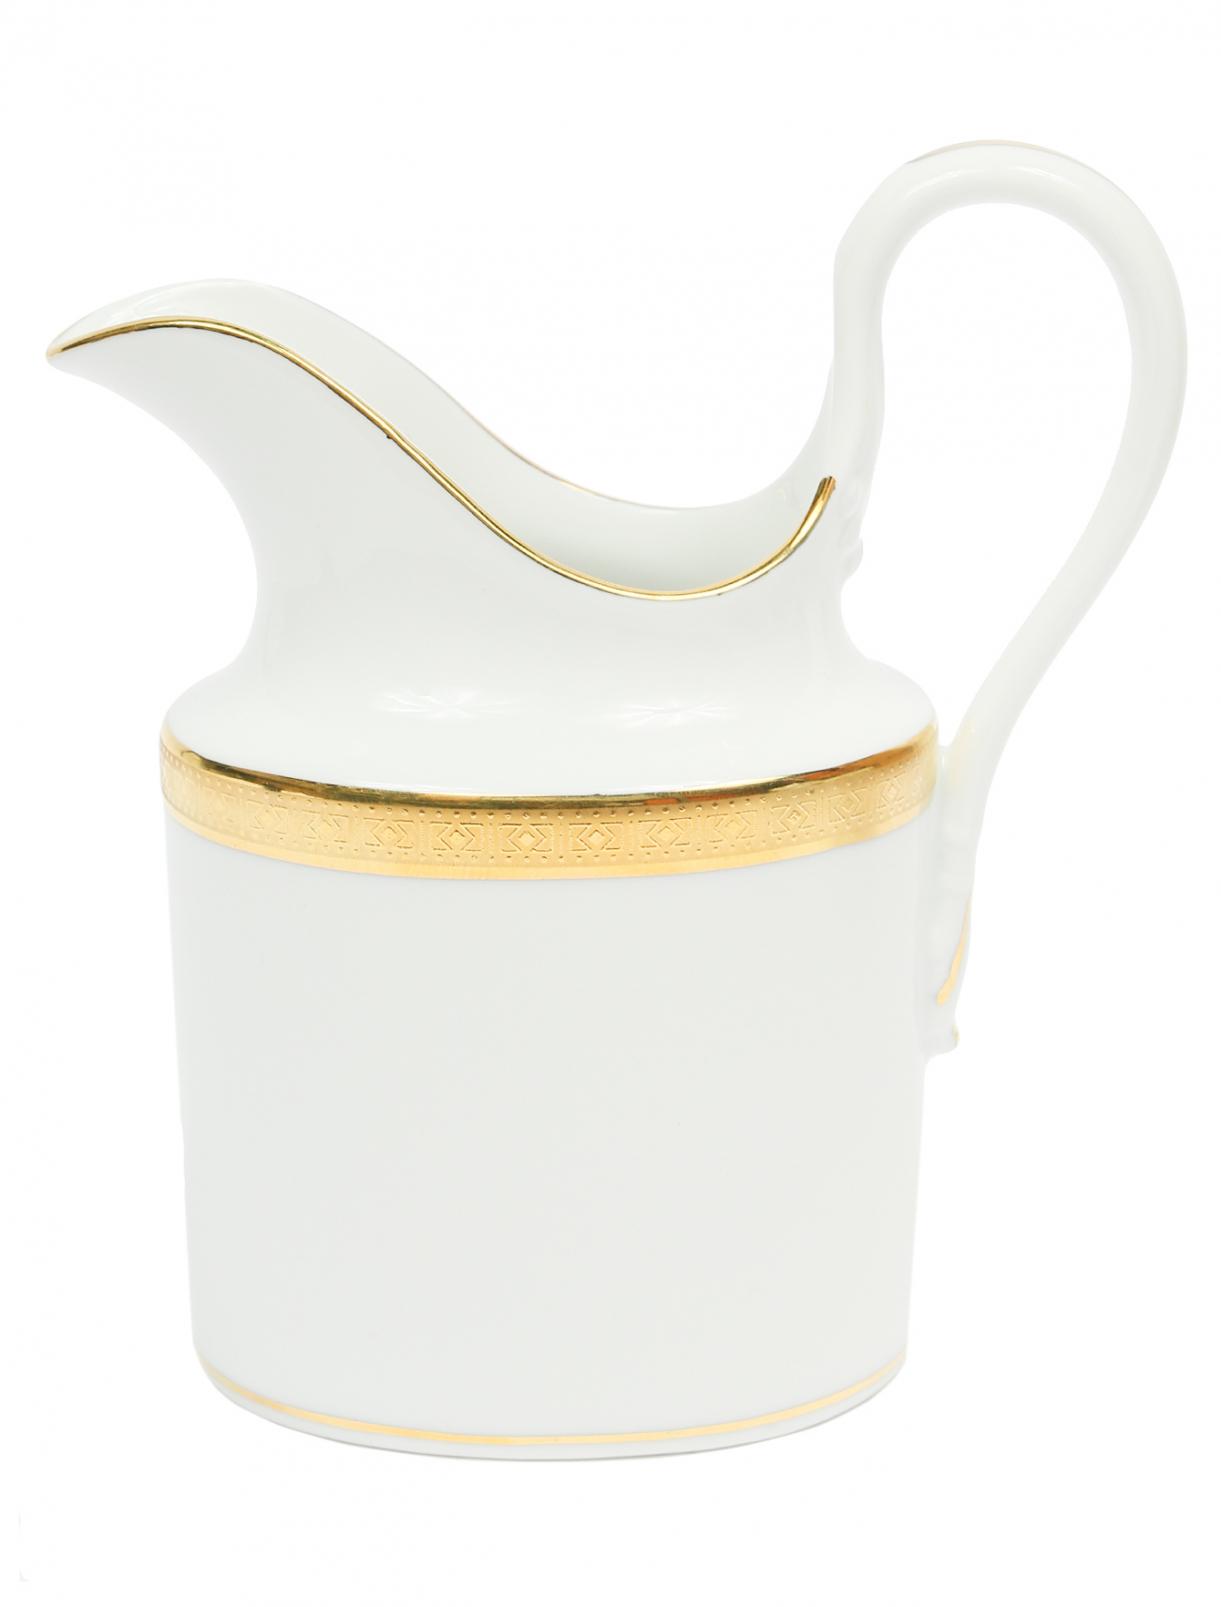 Молочник из фарфора с золотой окантовкой Richard Ginori 1735  –  Общий вид